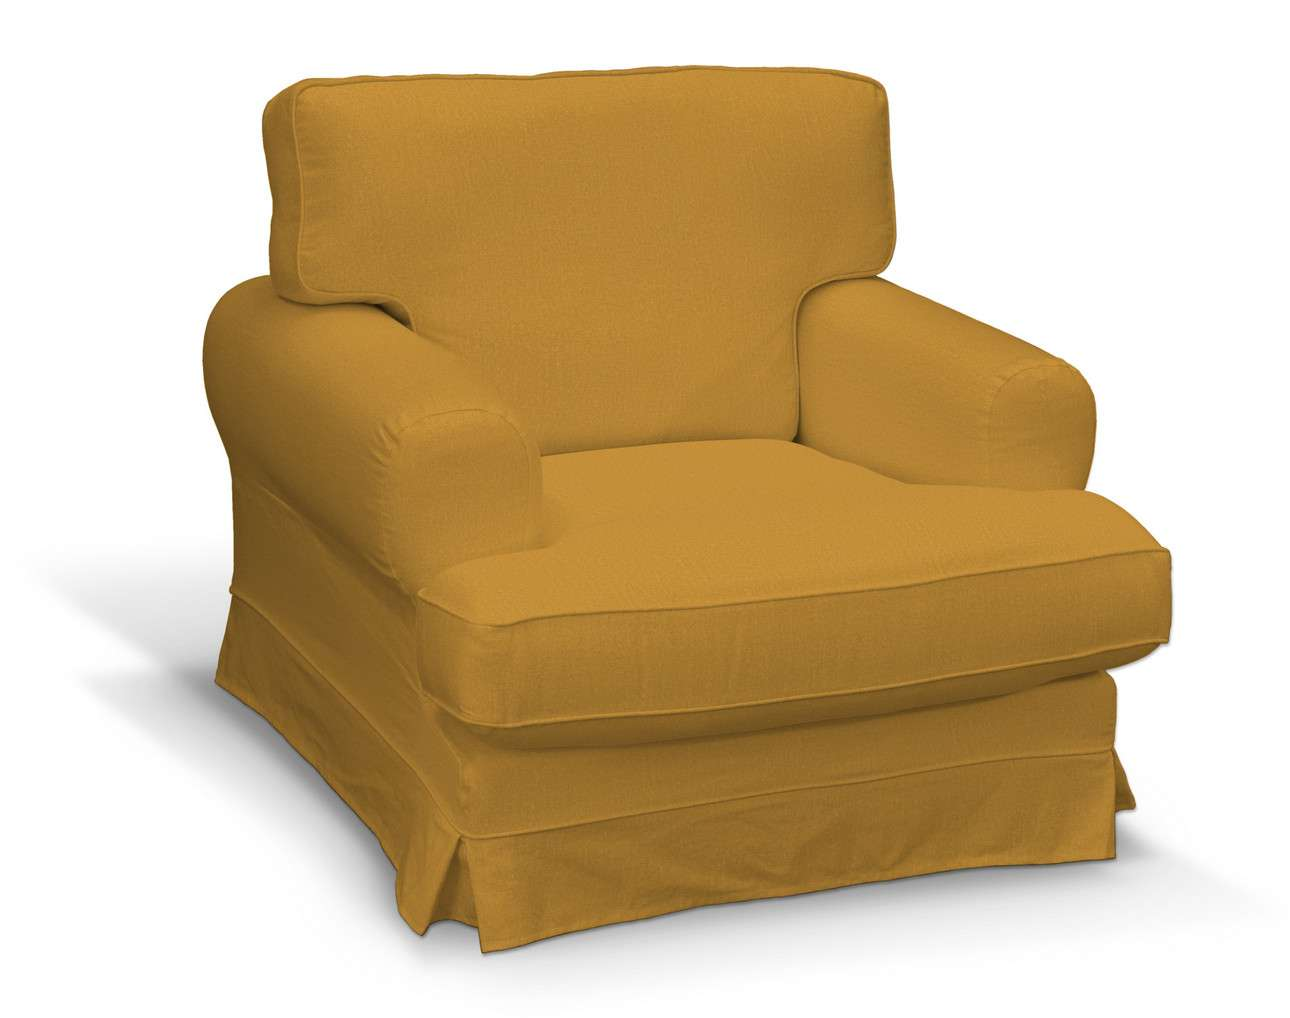 Pokrowiec na fotel Ekeskog w kolekcji Living, tkanina: 161-64